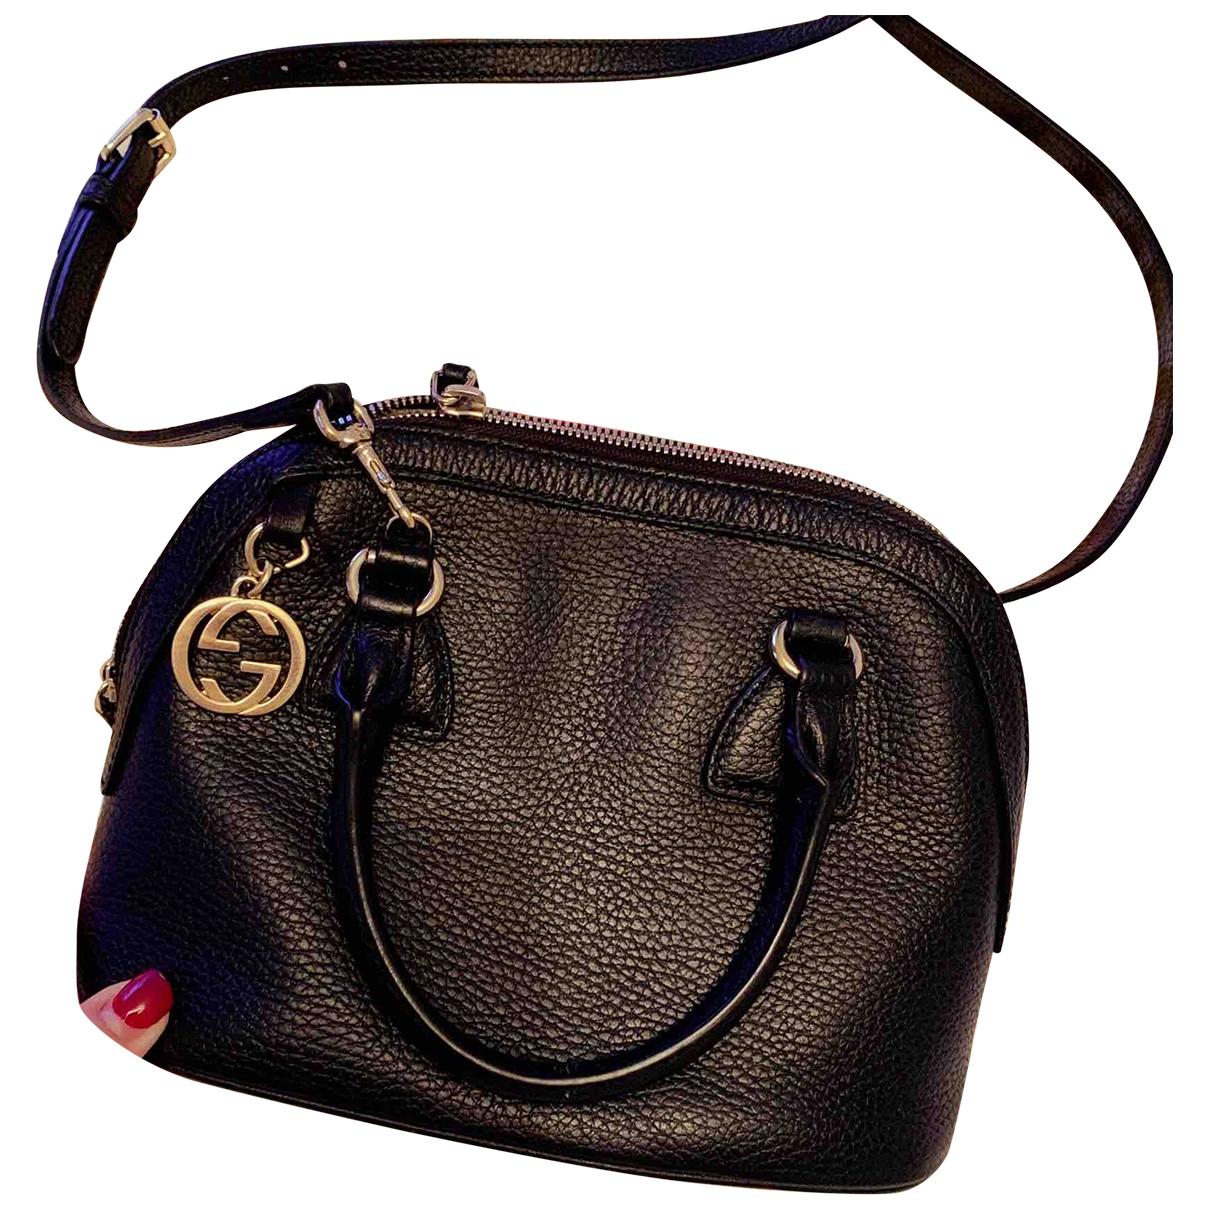 Gucci - Sac a main Dome pour femme en cuir - noir